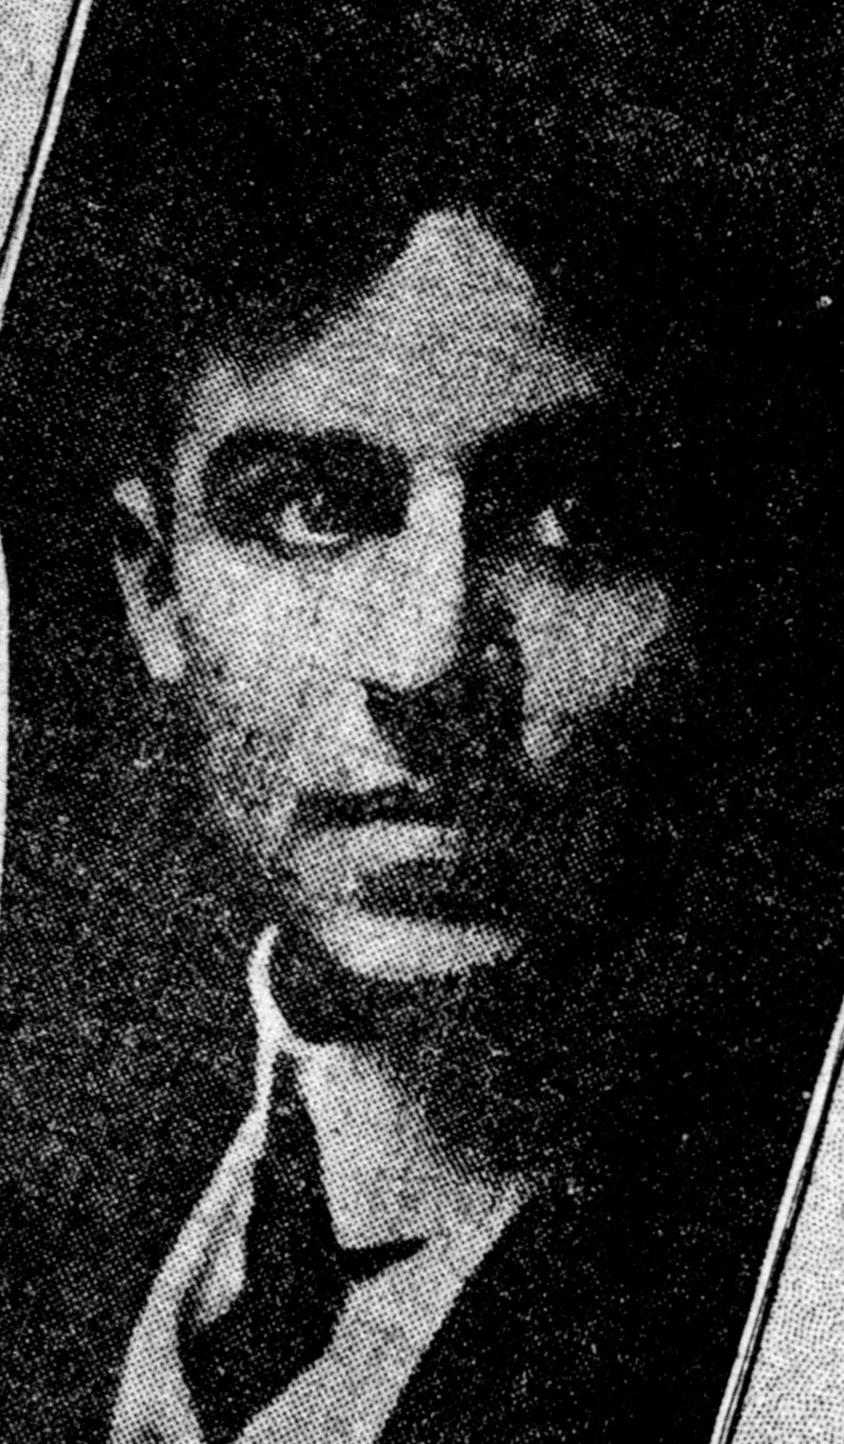 Image of Oscar Maurer from Wikidata